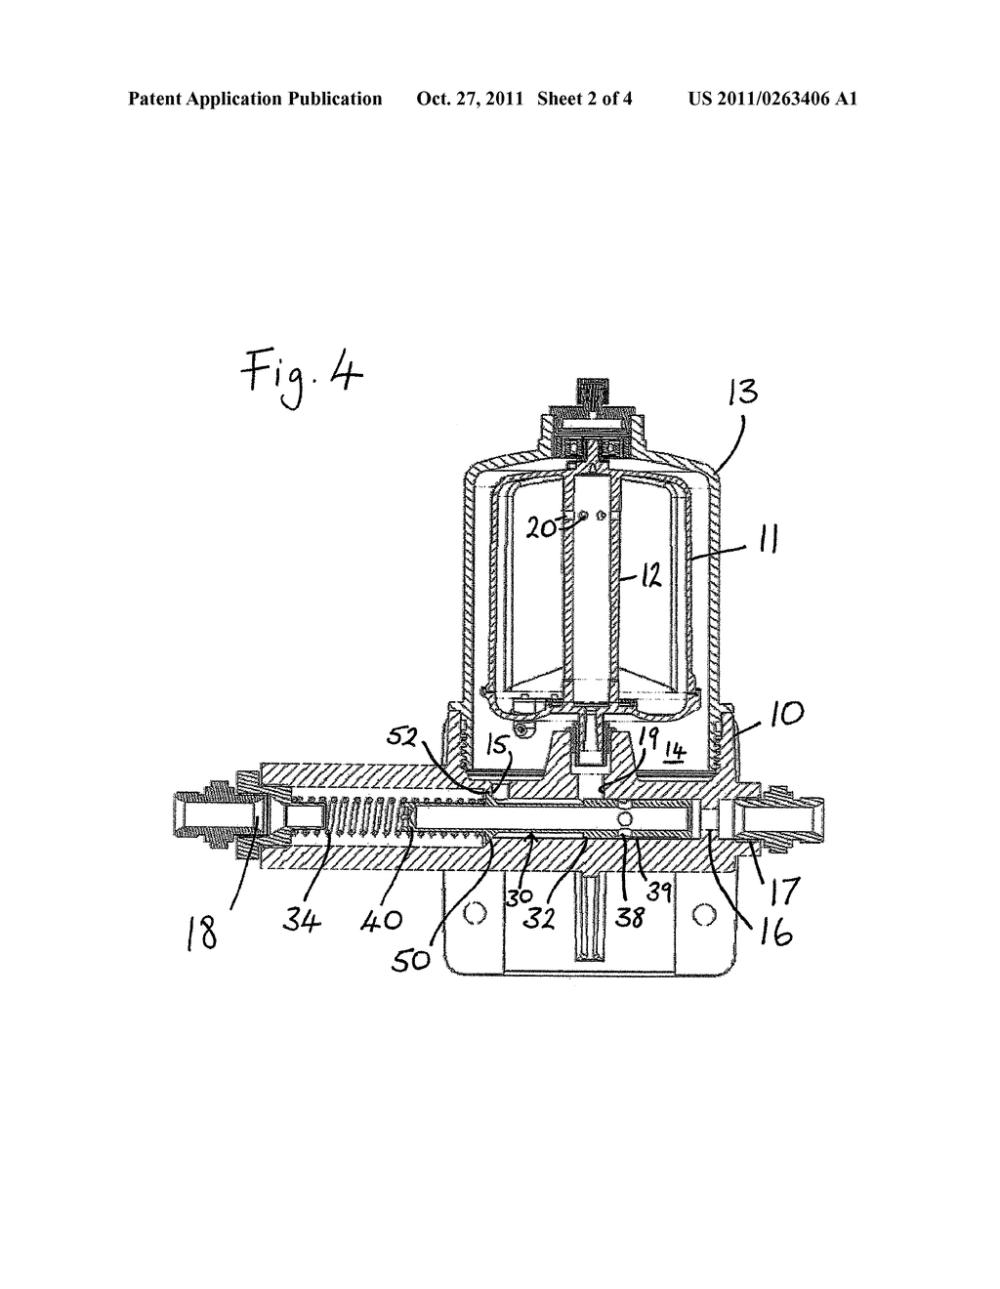 medium resolution of centrifugal separator with venturi arrangement diagram schematic and image 03